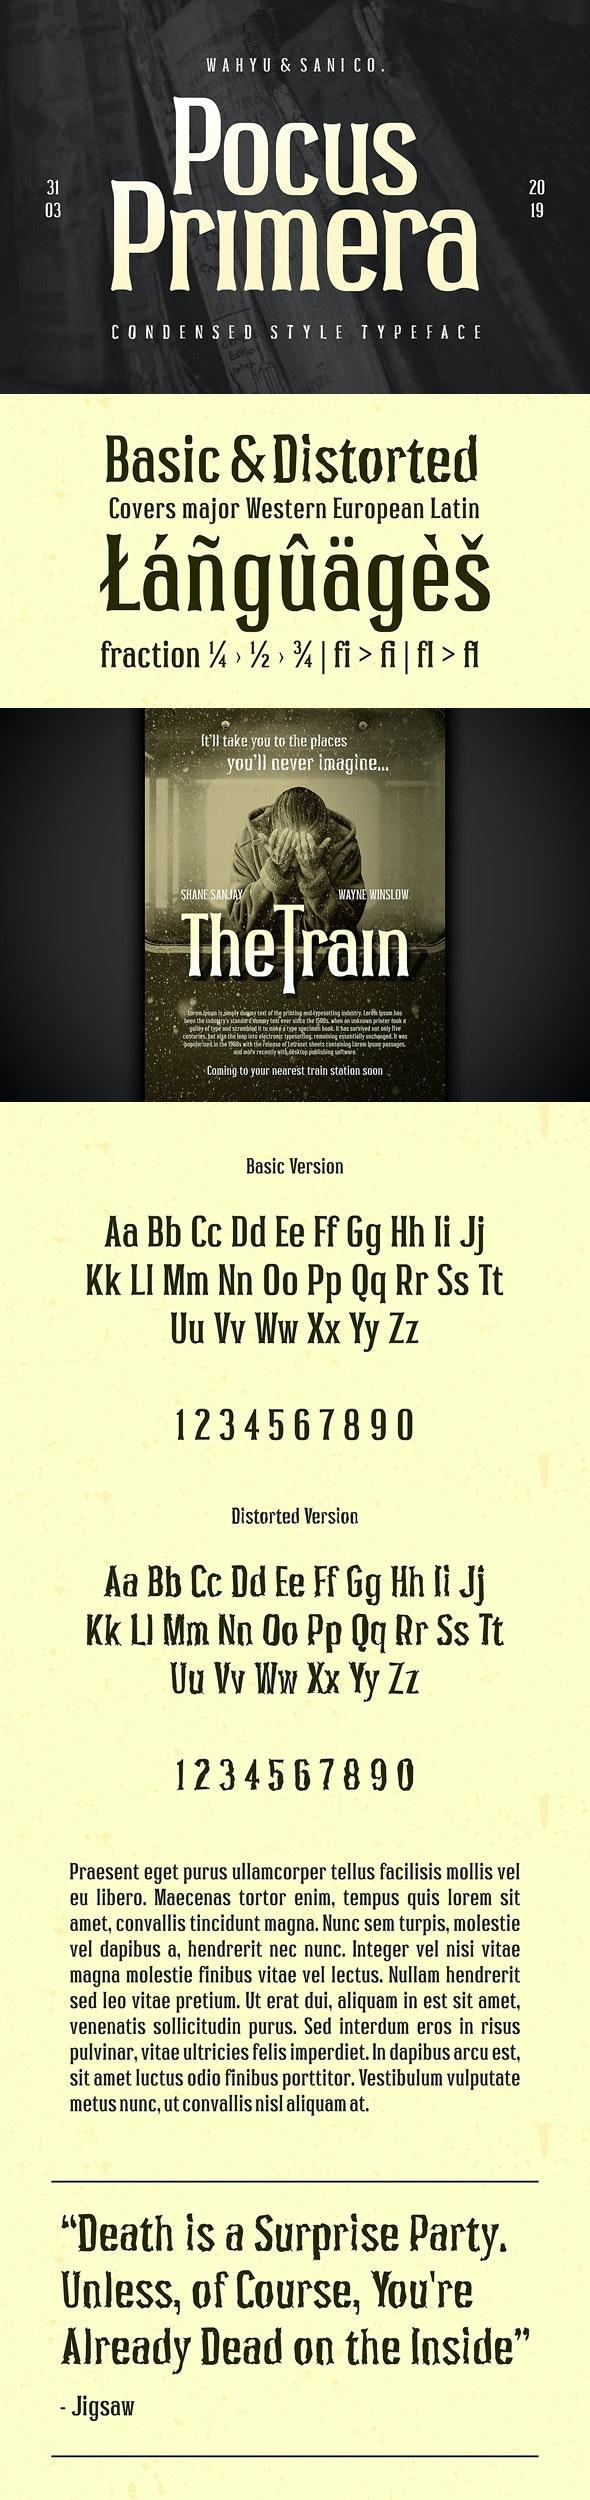 Pocus Primera - Condensed Serif